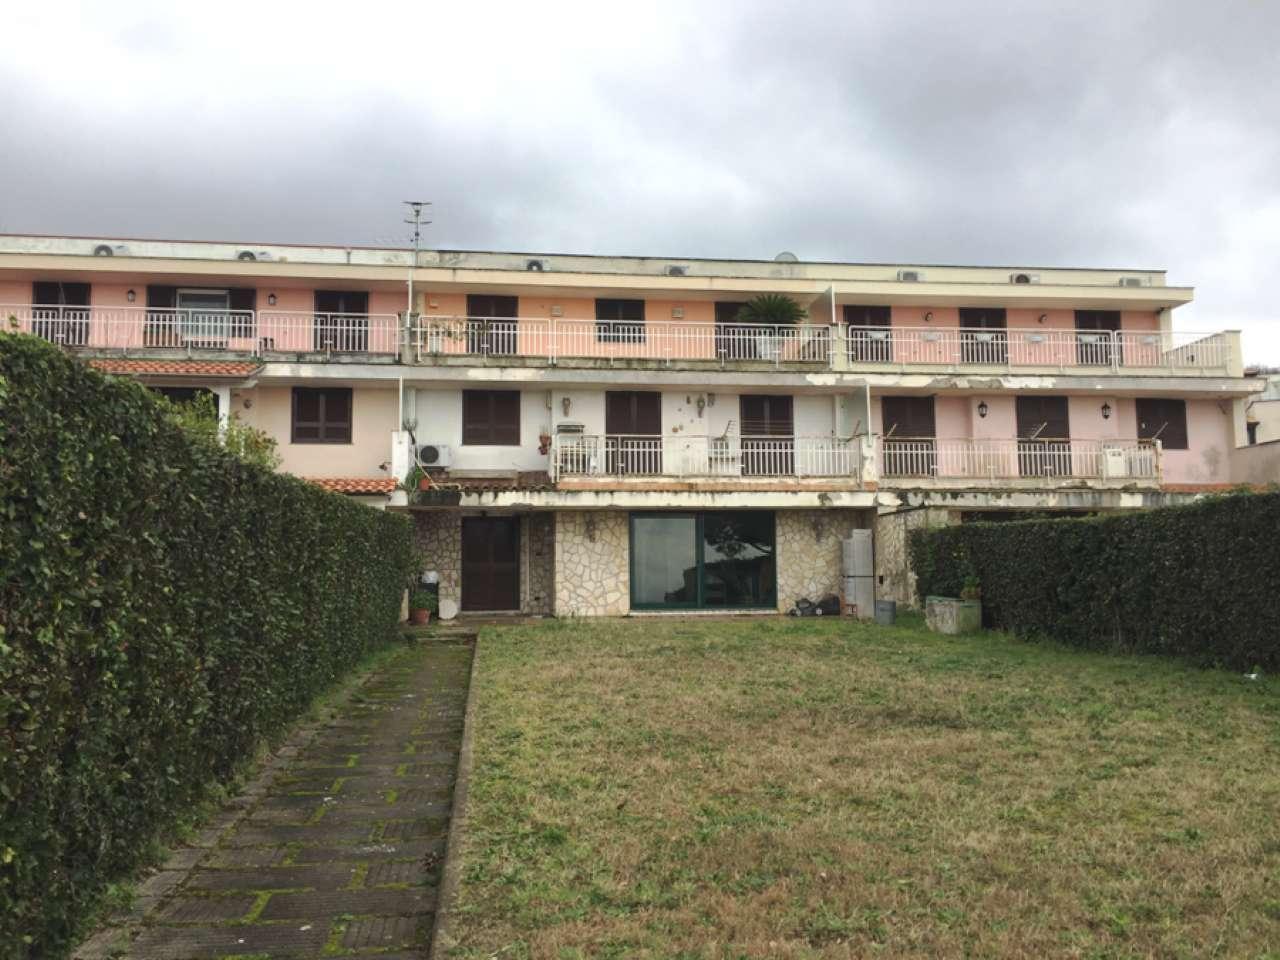 Appartamento in vendita a Pozzuoli, 6 locali, prezzo € 395.000 | CambioCasa.it